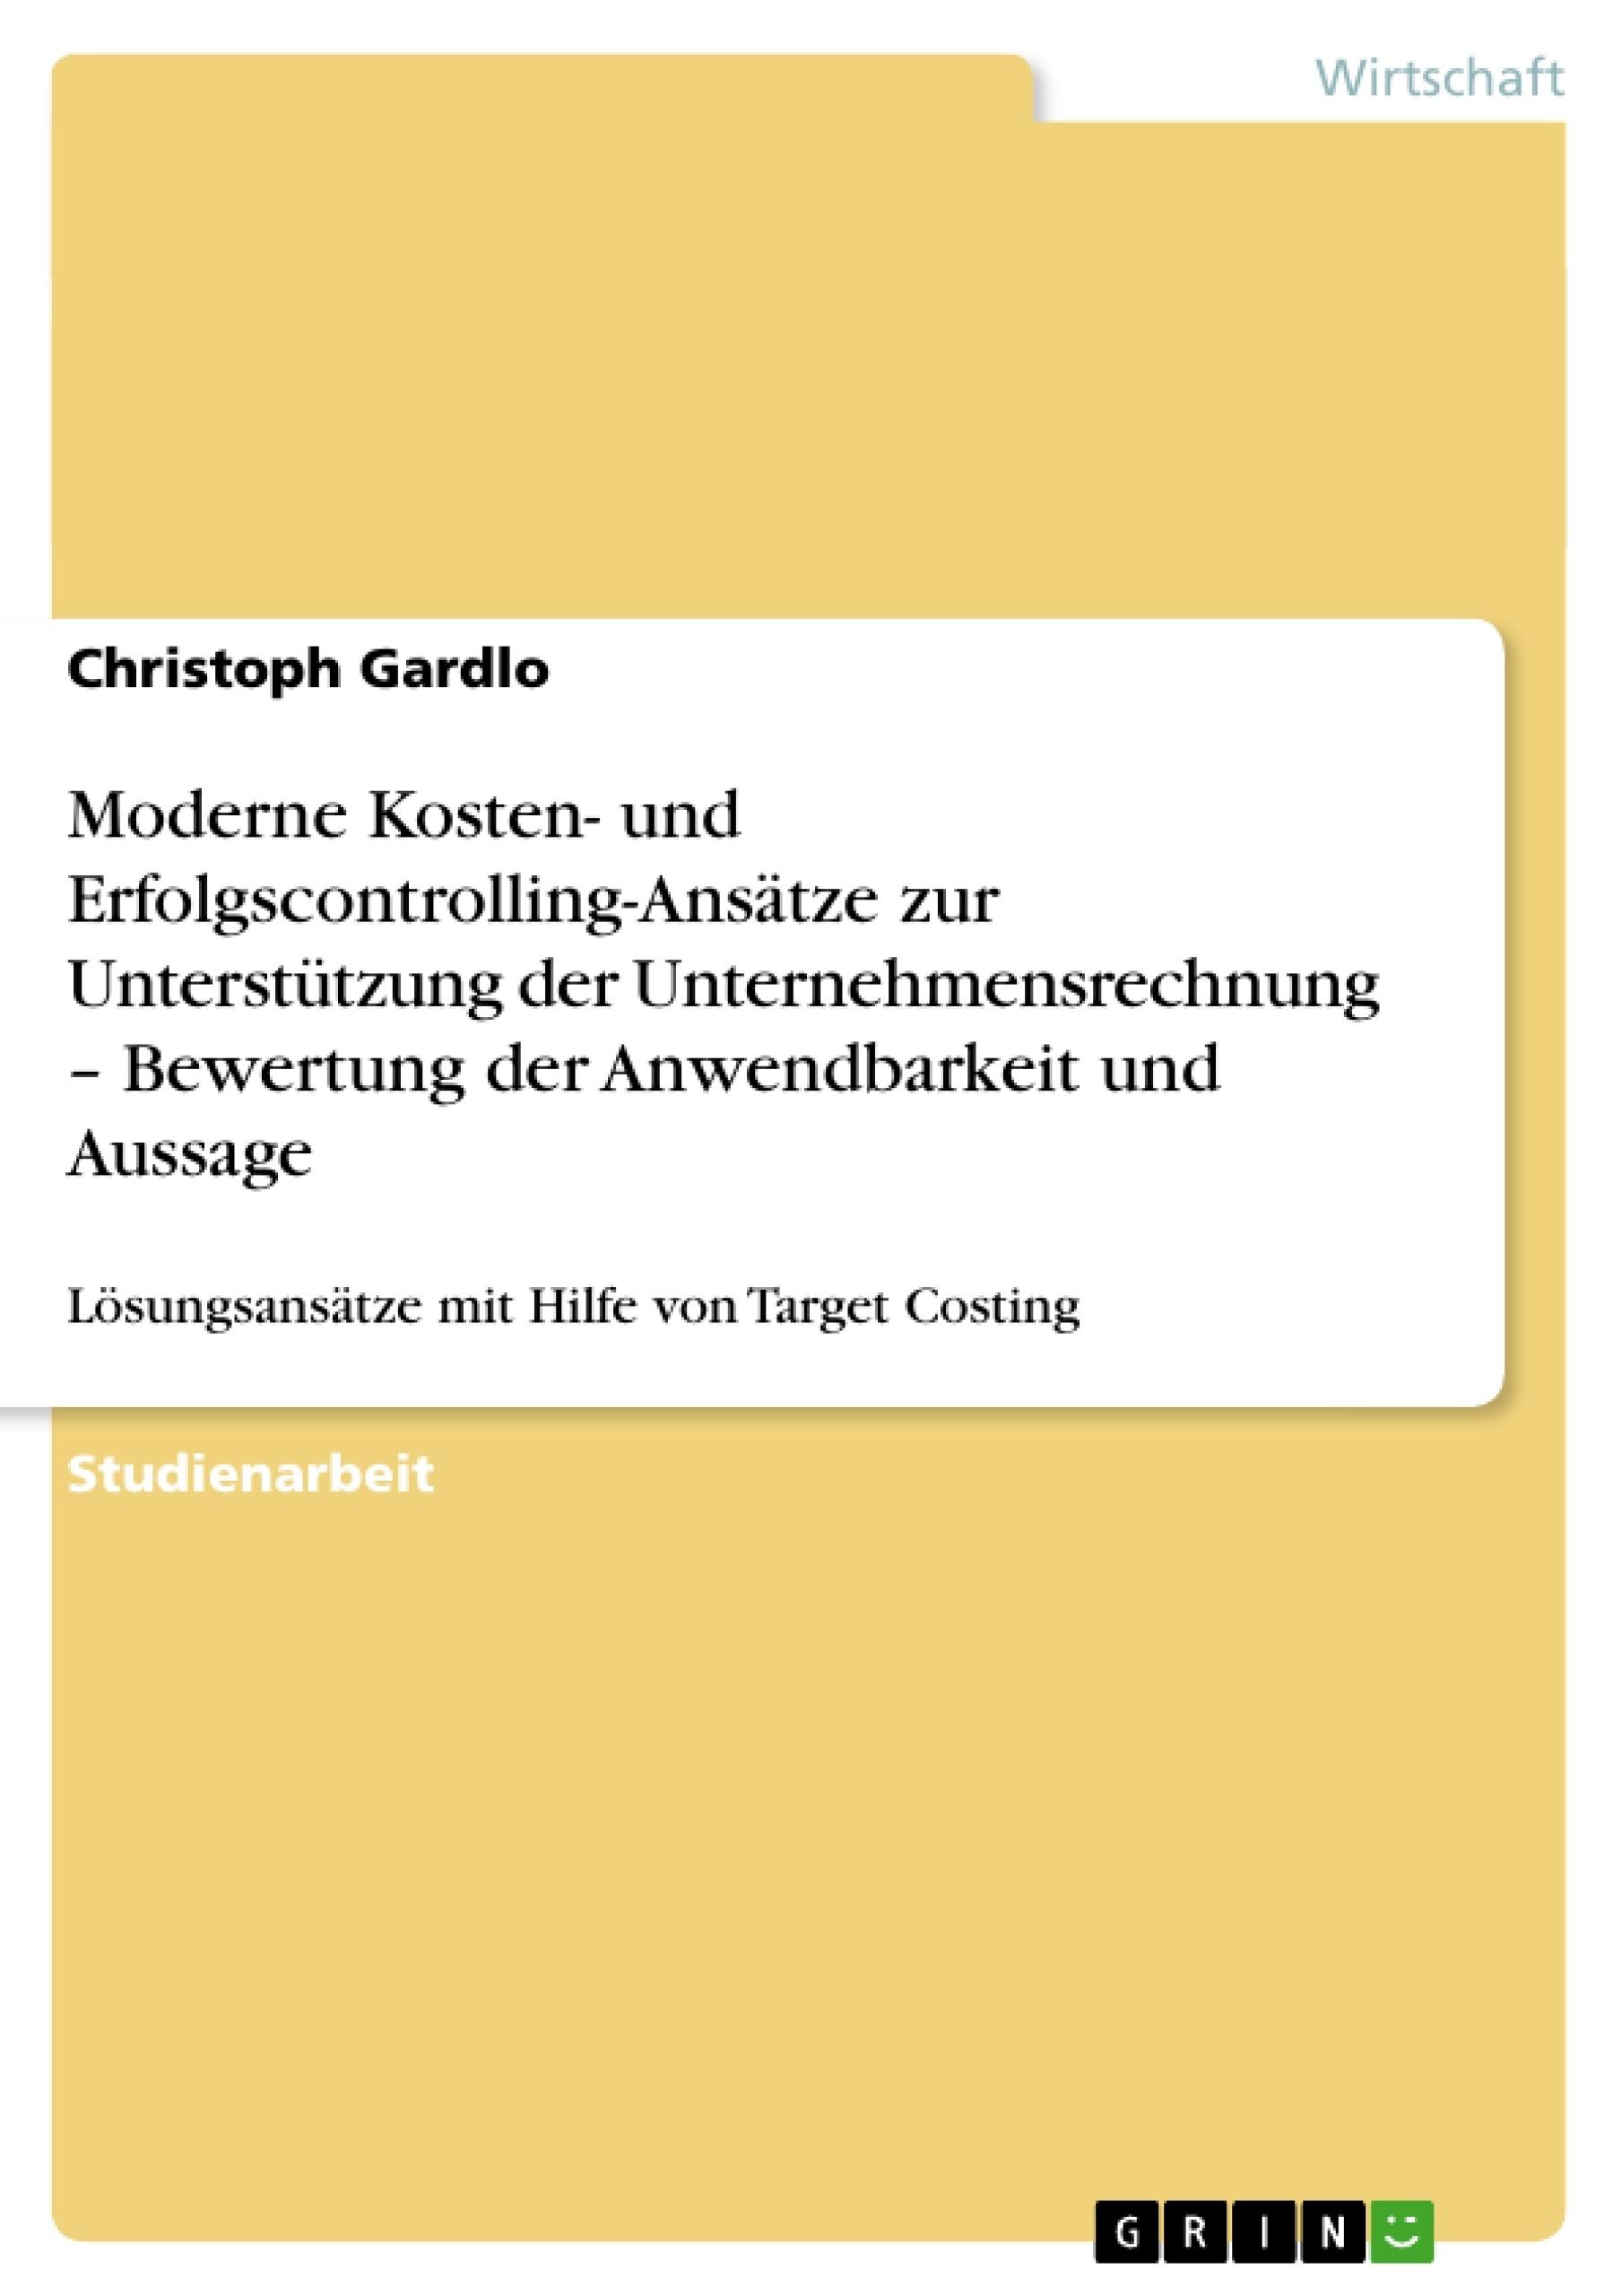 Titel: Moderne Kosten- und Erfolgscontrolling-Ansätze zur Unterstützung der Unternehmensrechnung – Bewertung der Anwendbarkeit und Aussage